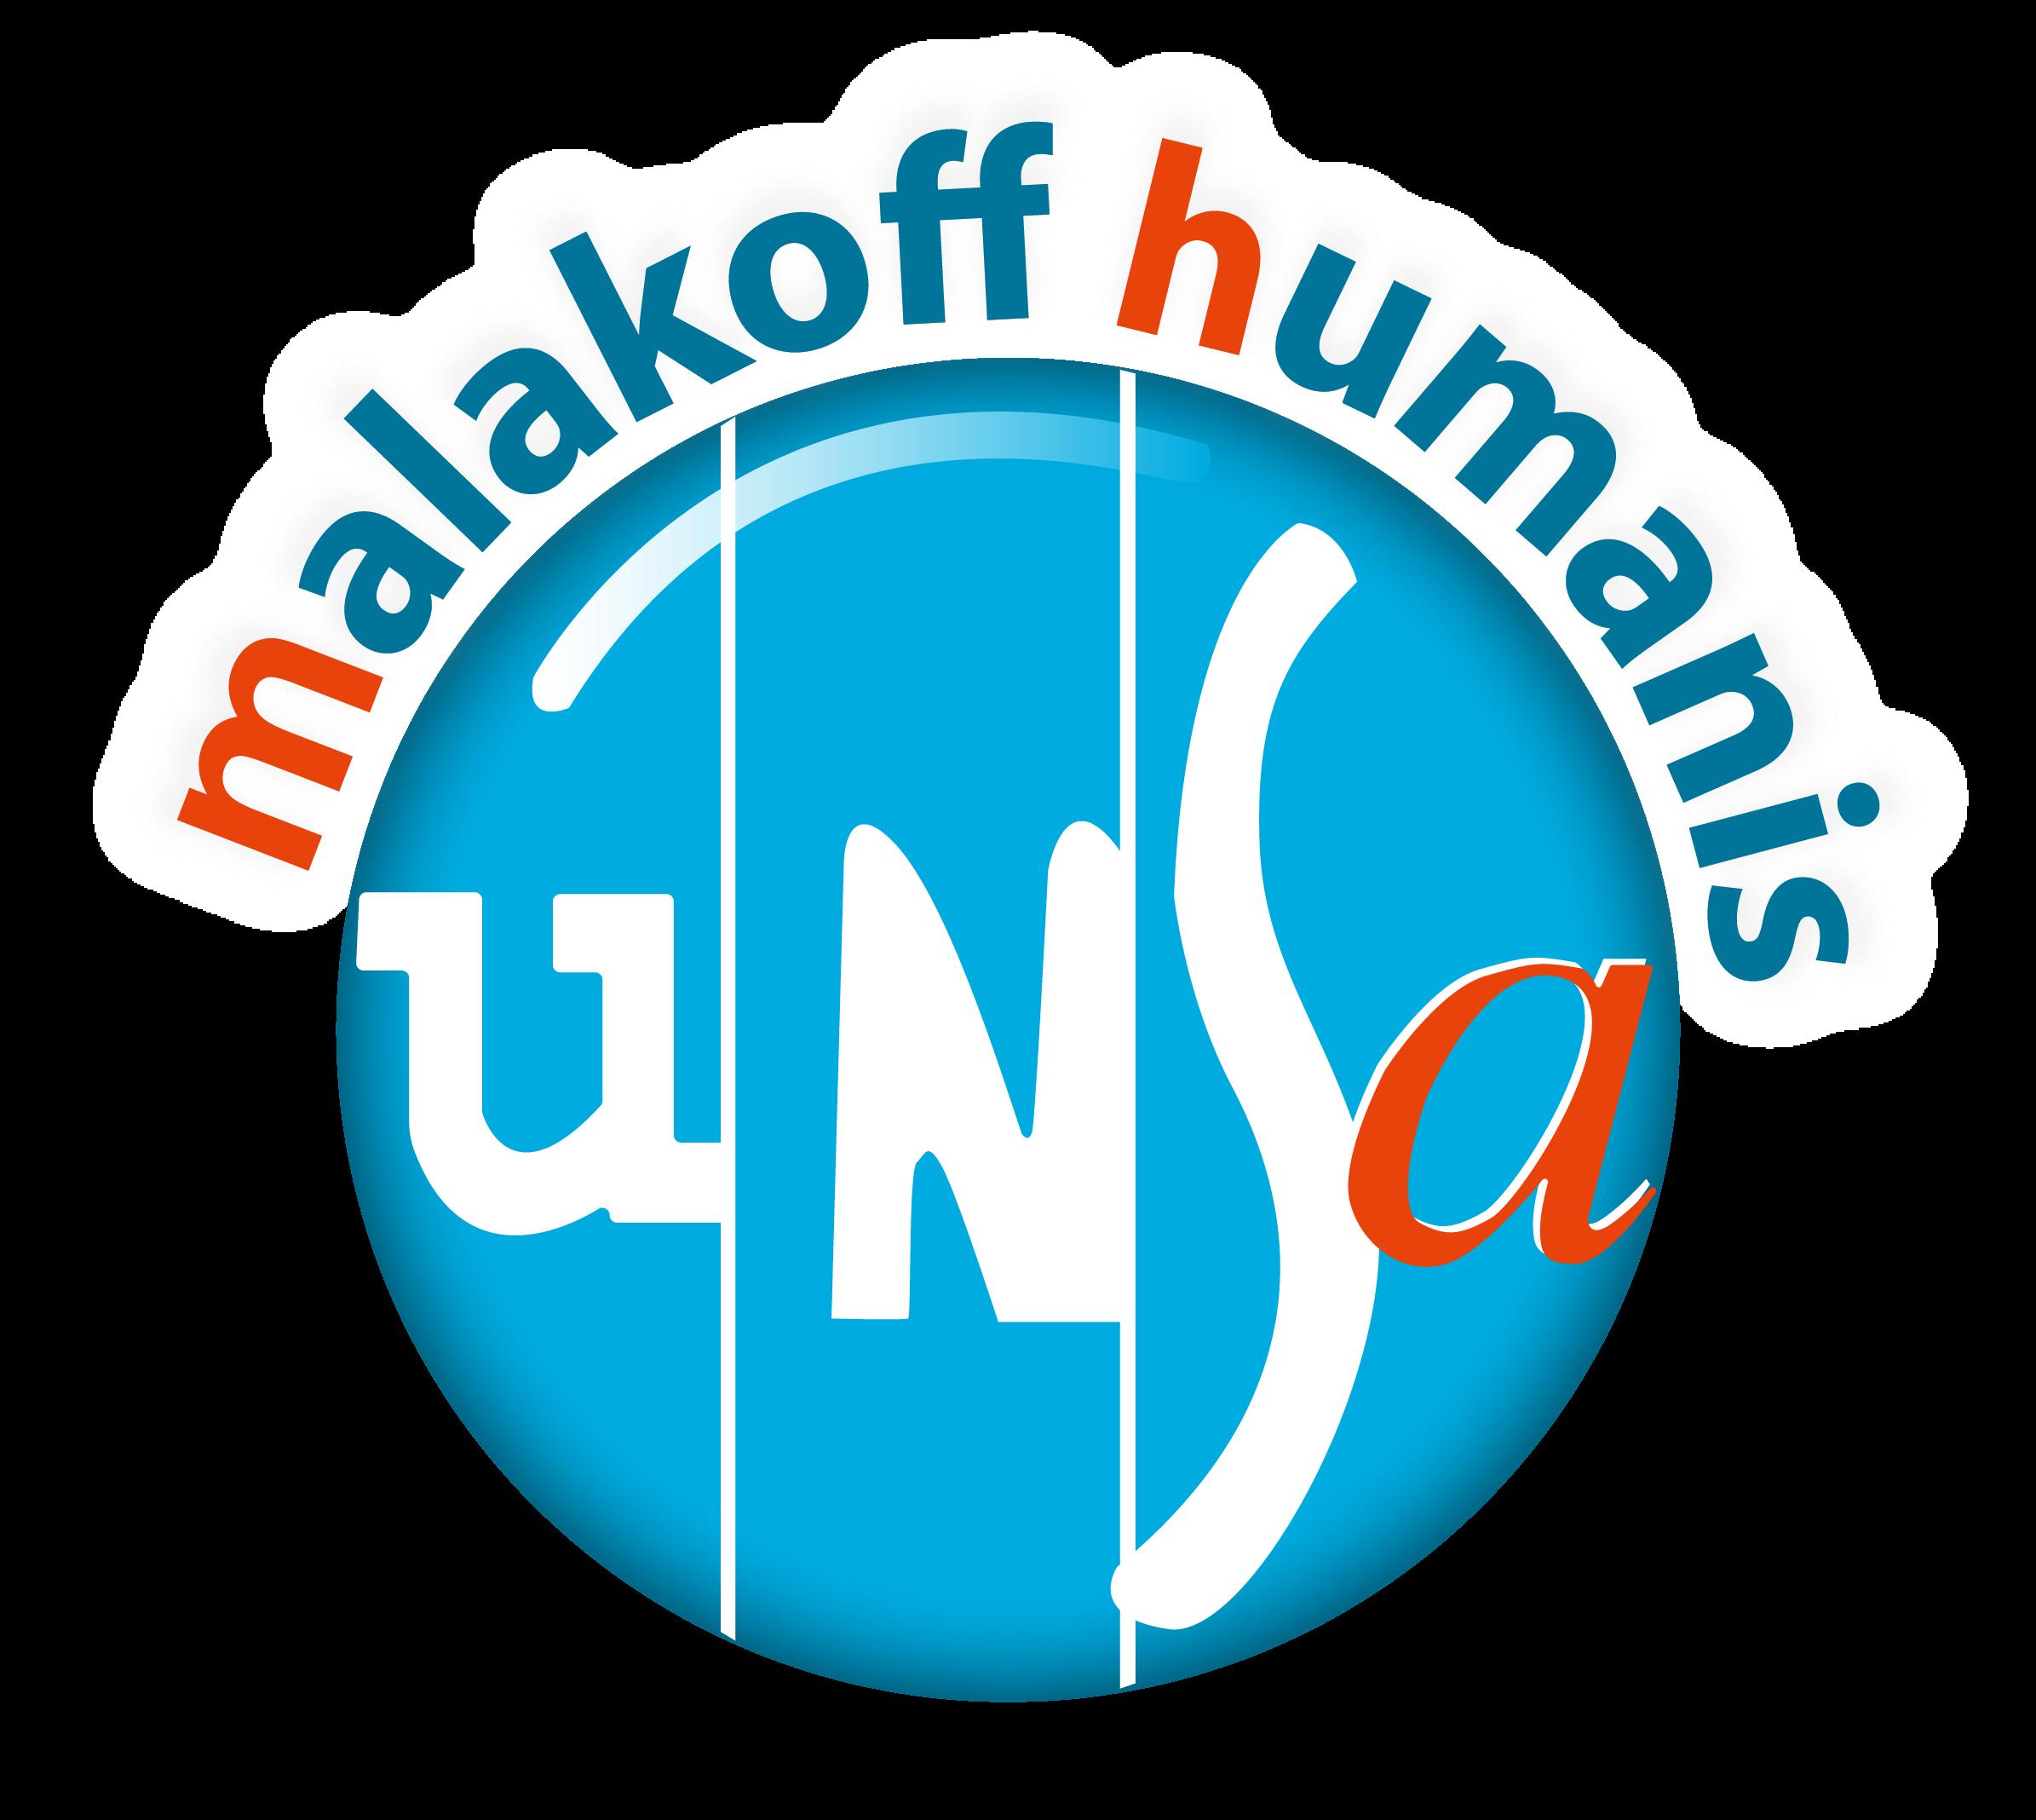 UNSA Malakoff Humanis